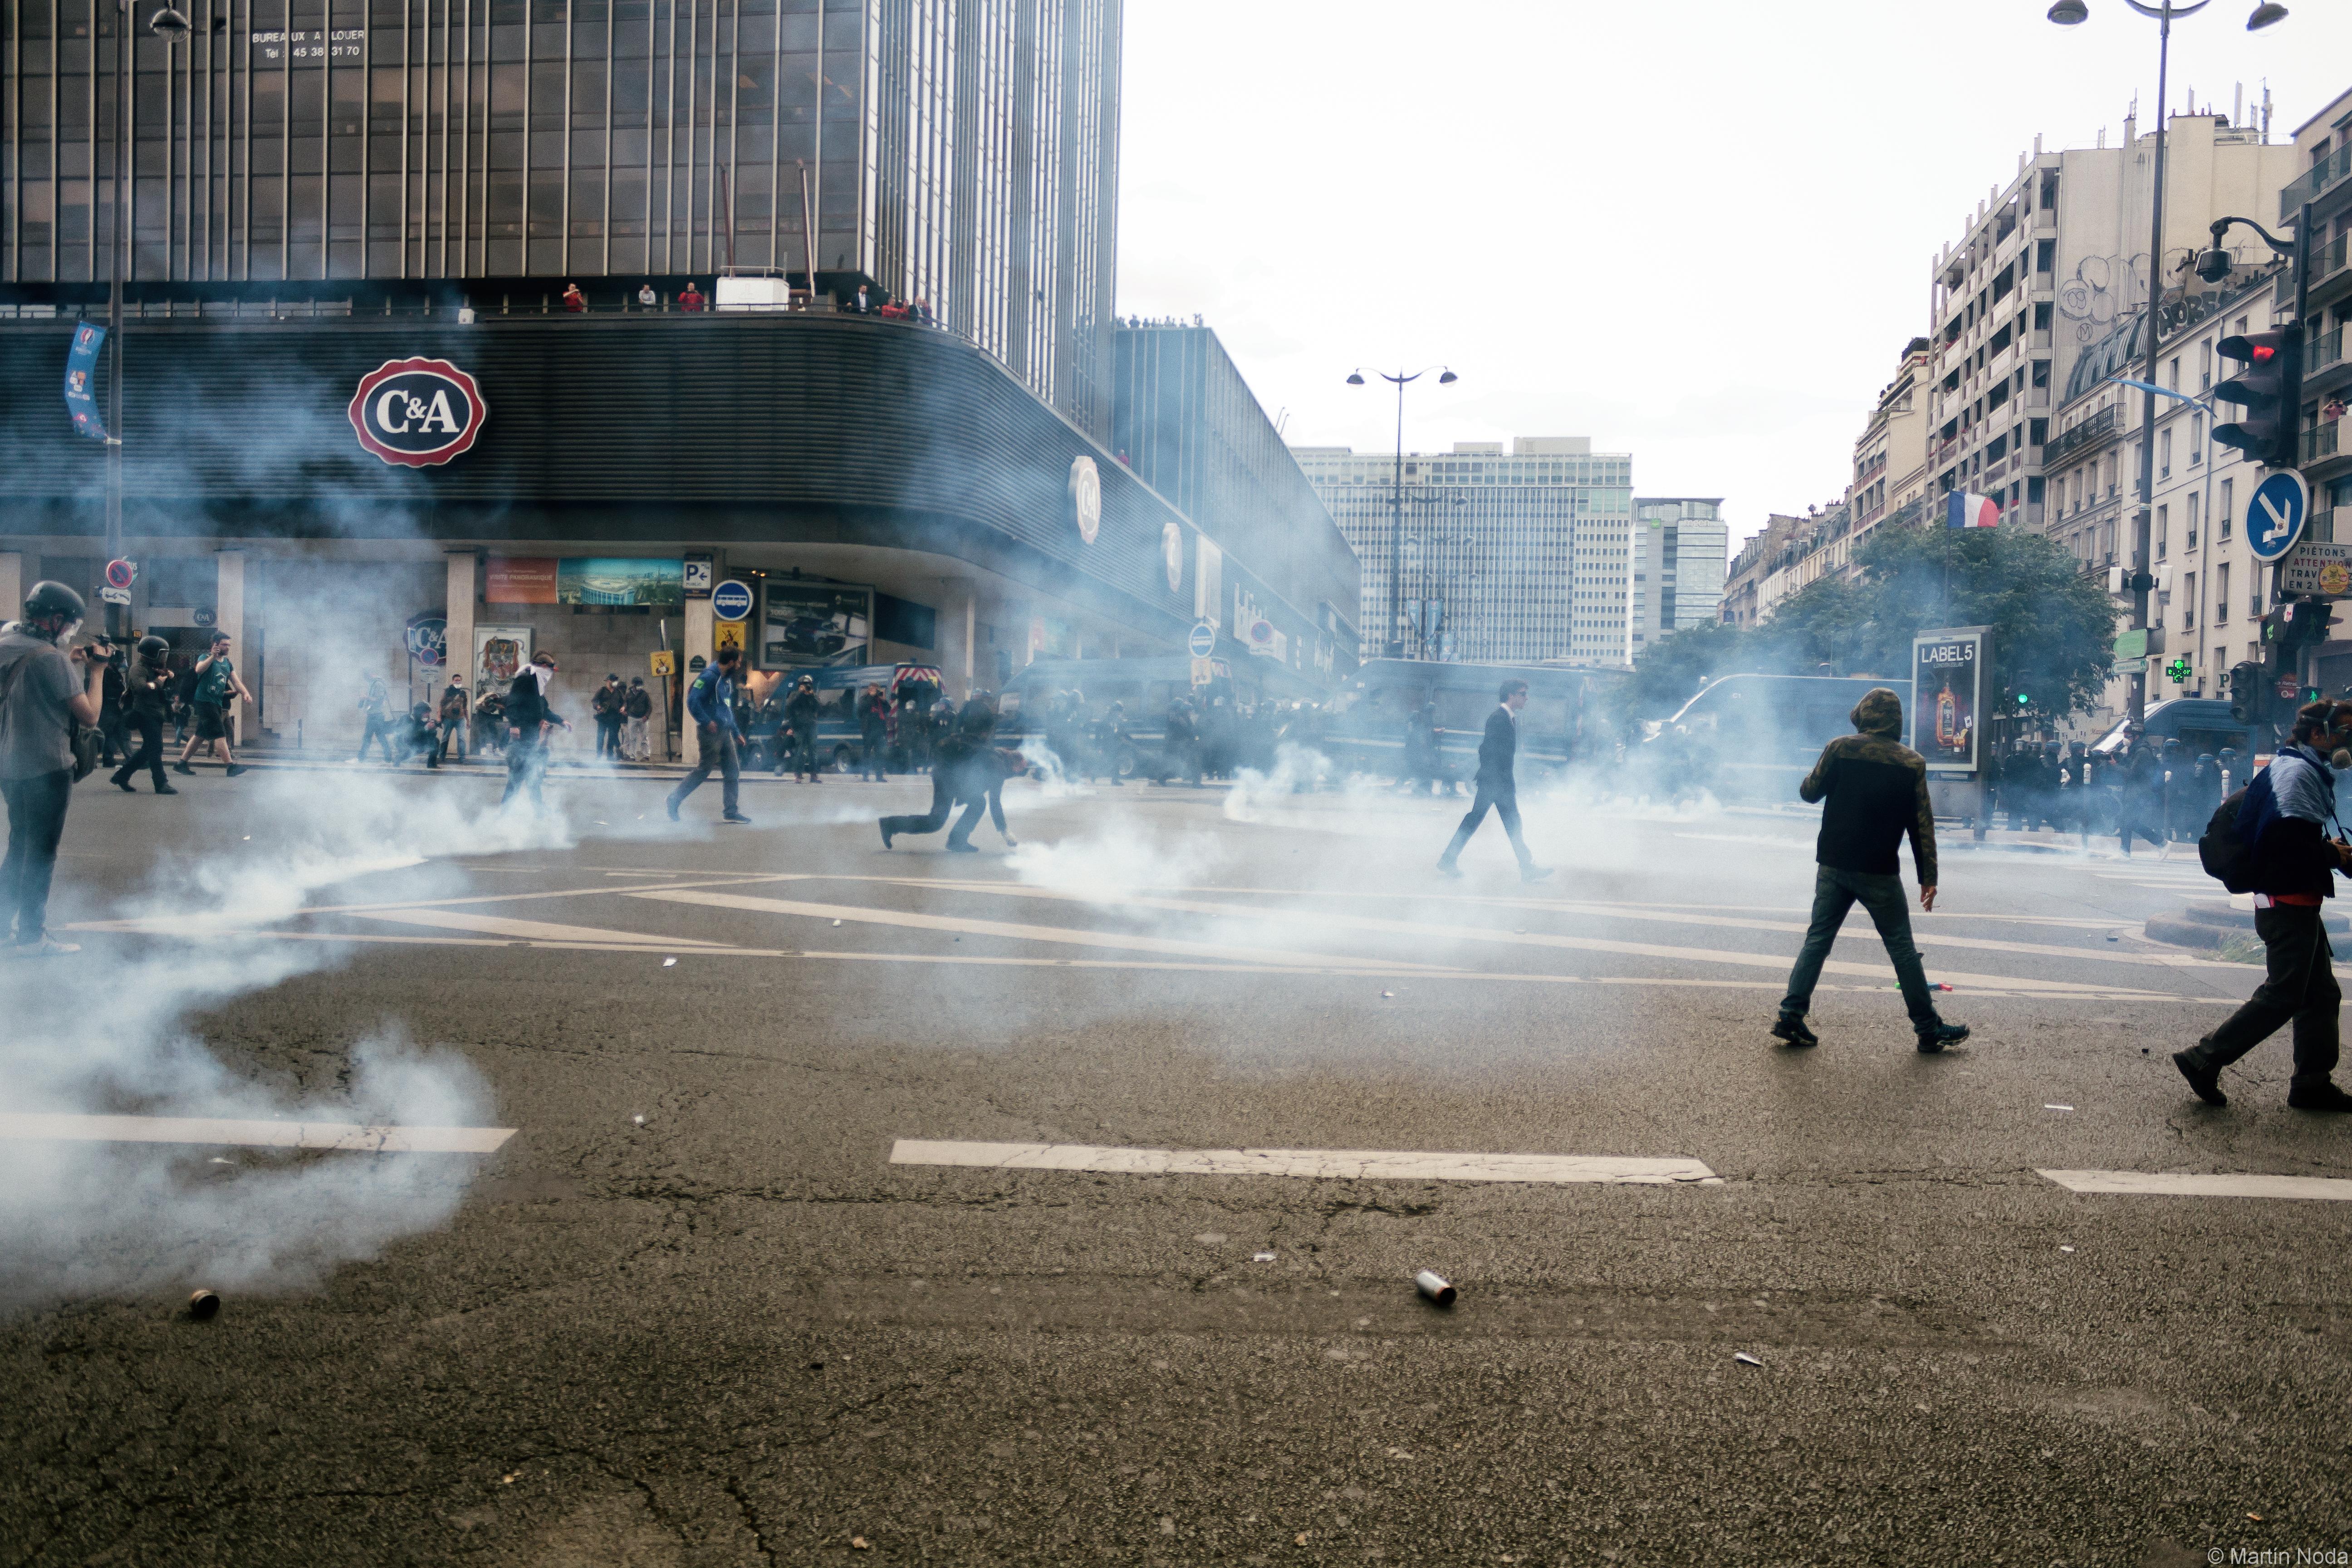 Paris - 14/06/2016